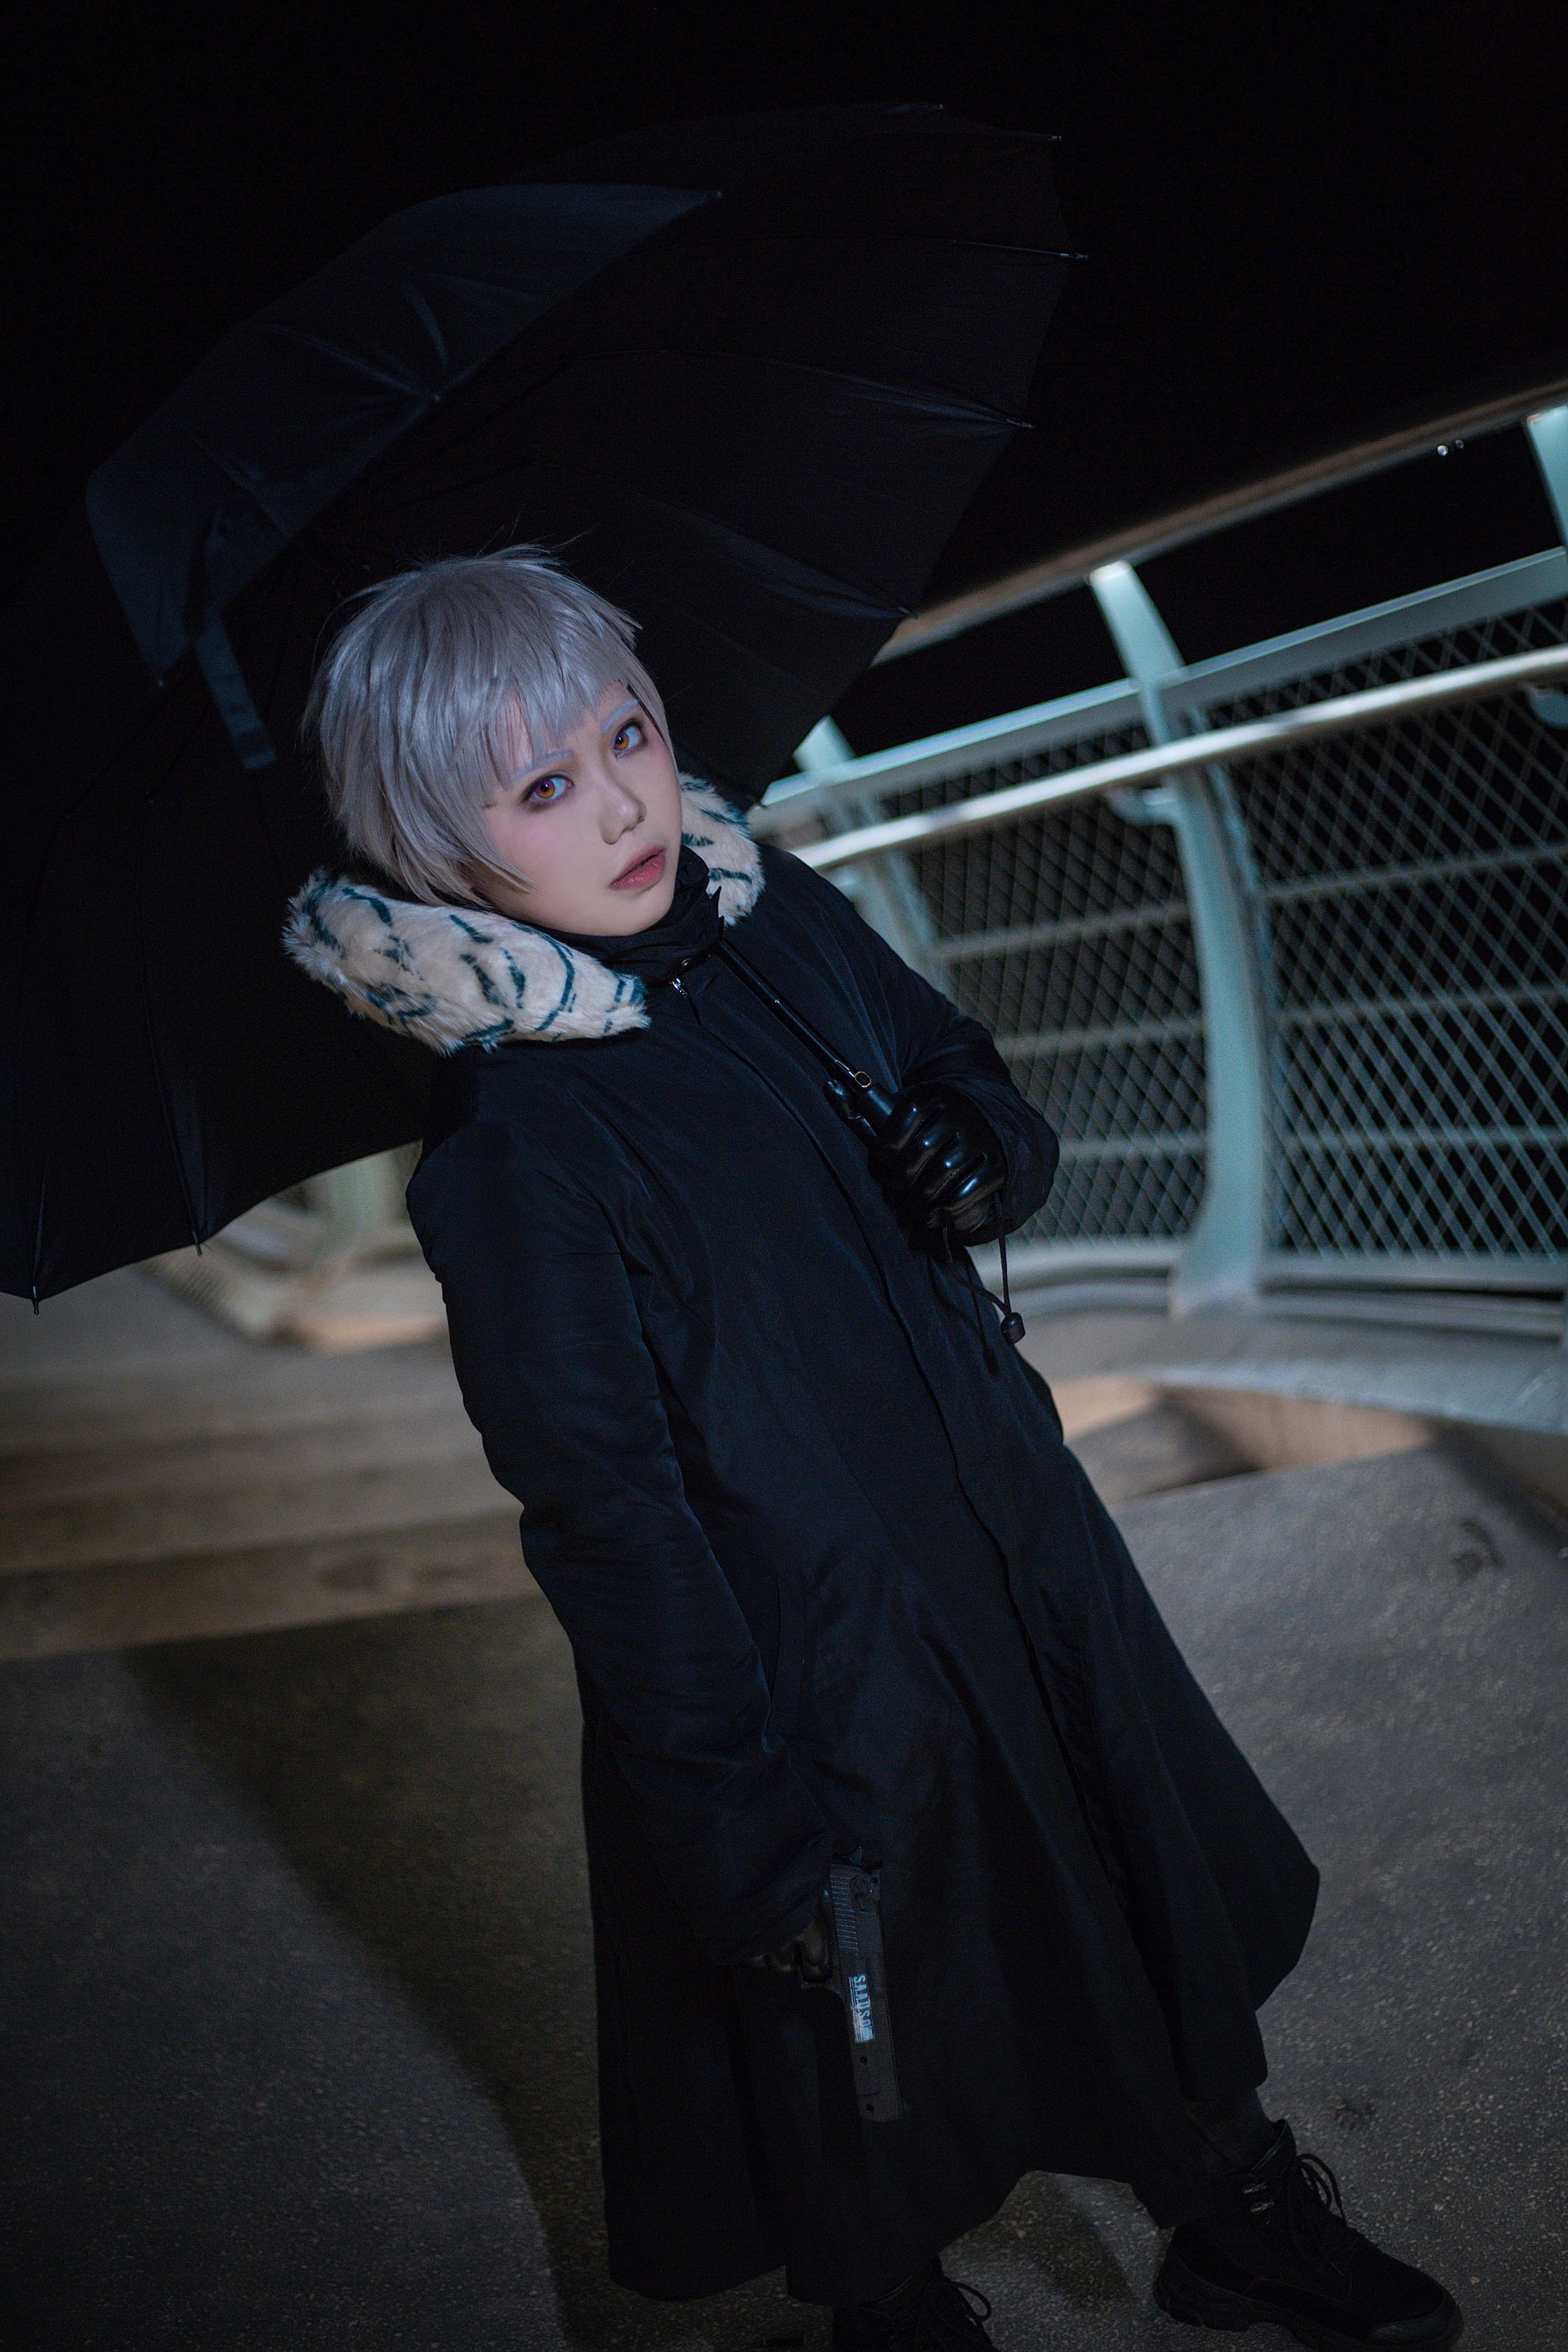 《文豪野犬》文豪野犬中岛敦cosplay【CN:社畜BOT】-第6张